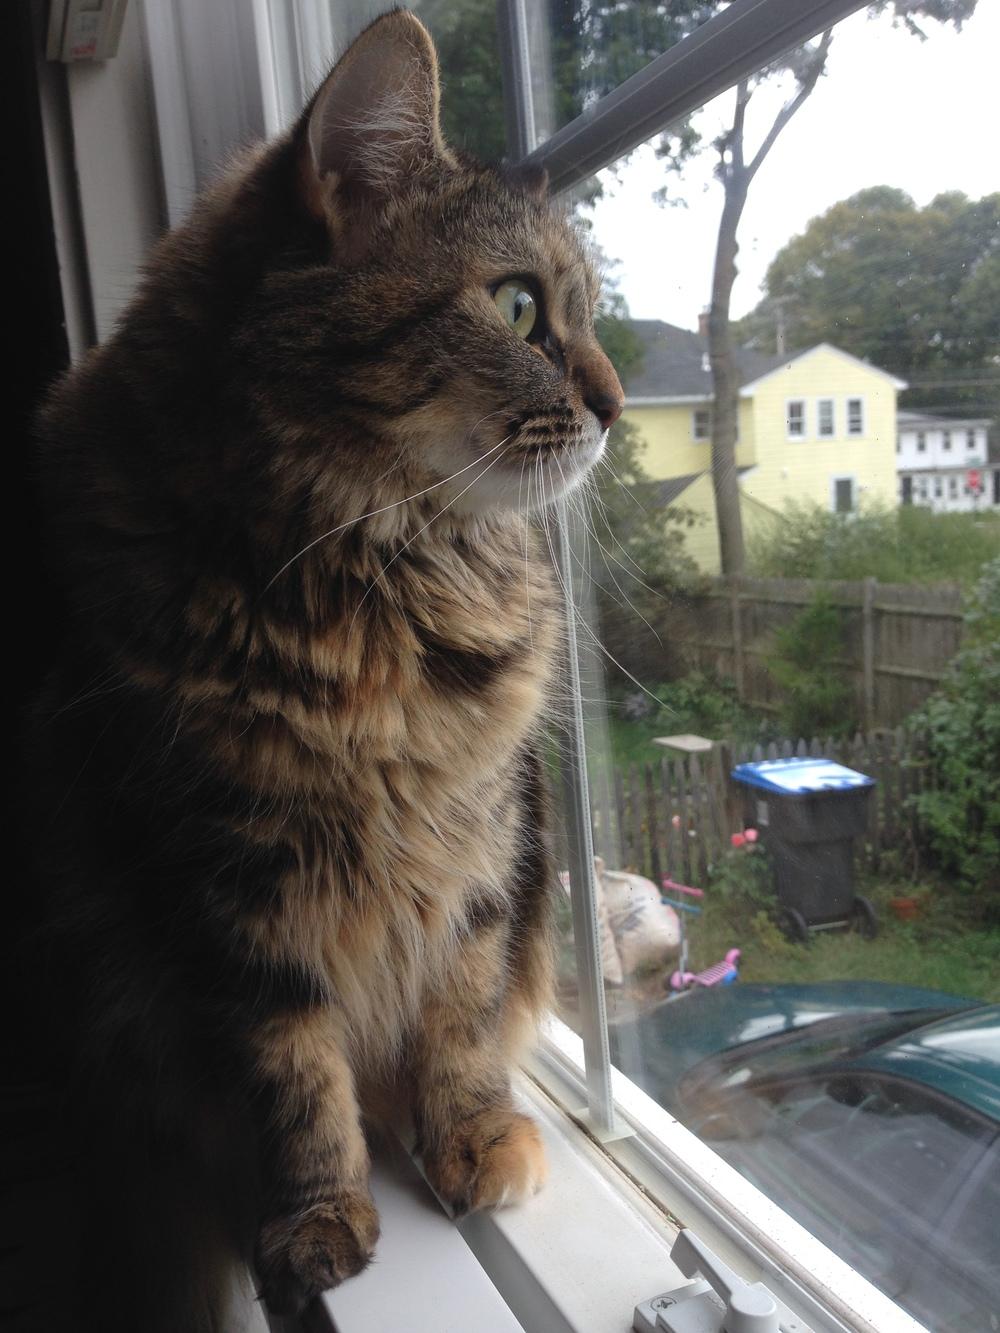 Maddie surveys the neighborhood.